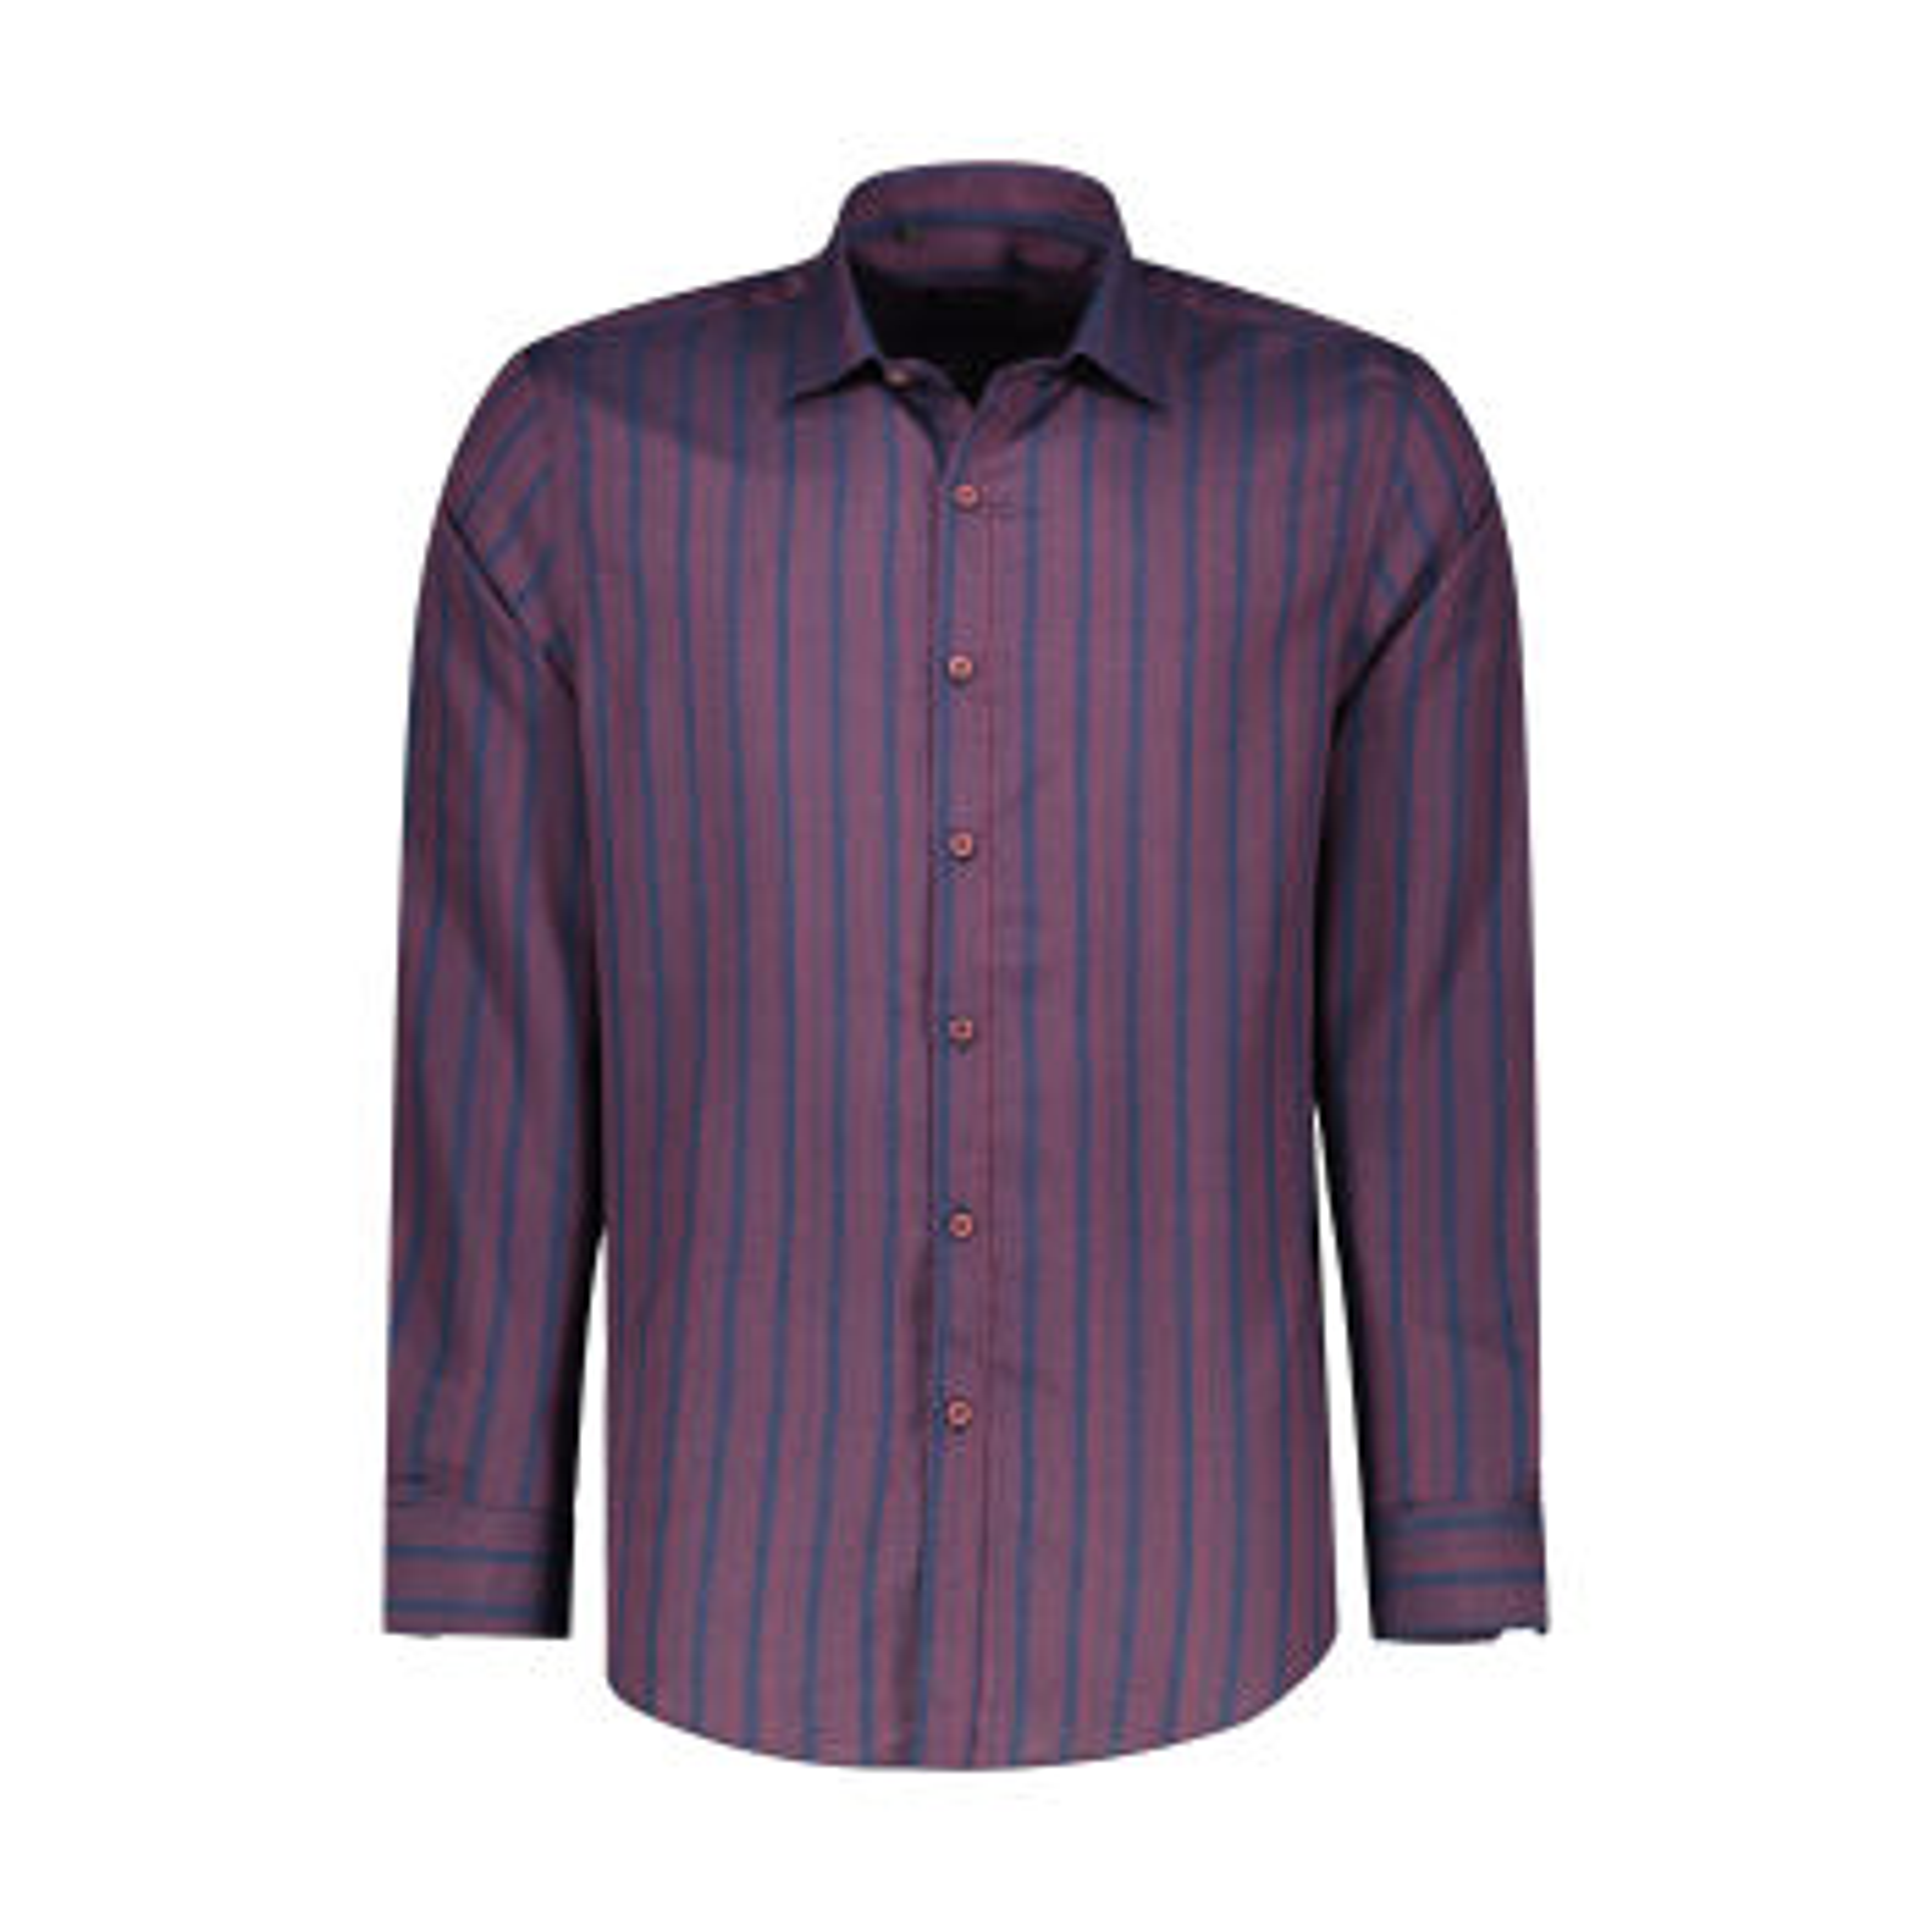 پیراهن آستین بلند مردانه ان سی نو مدل اِلدو رنگ زرشکی